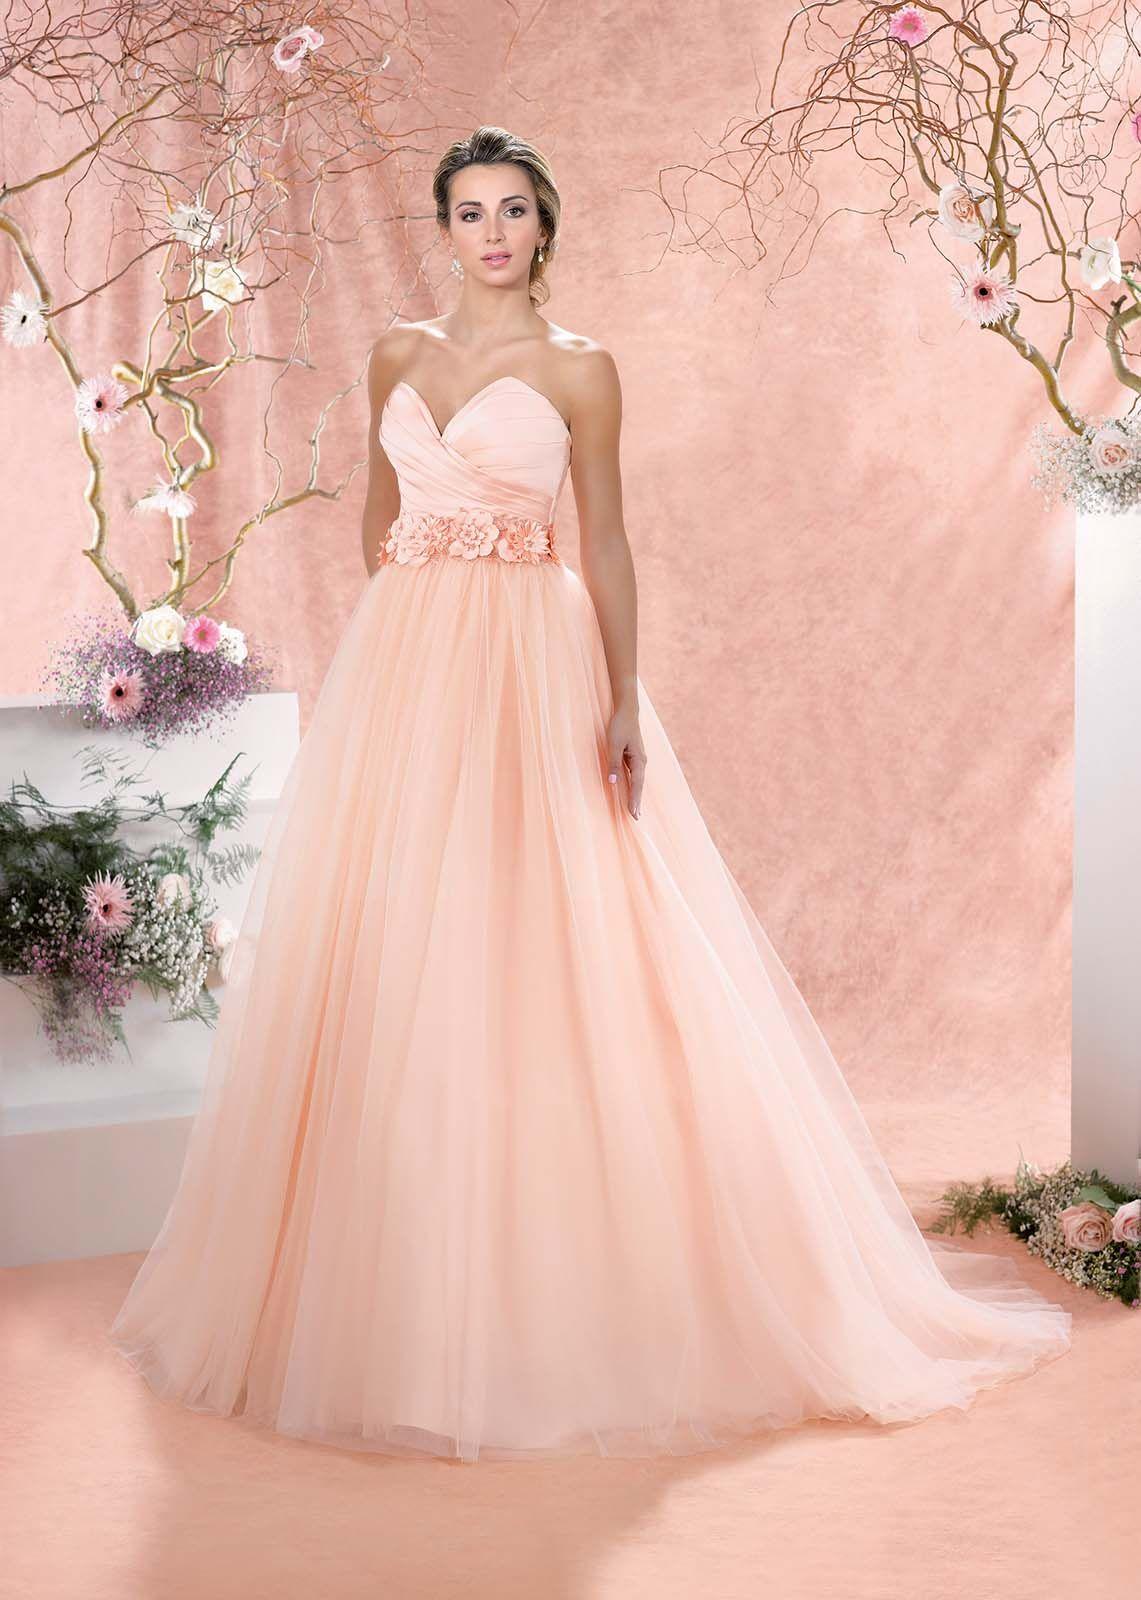 7 consejos para elegir el vestido de novia de tus sueños | Pinterest ...